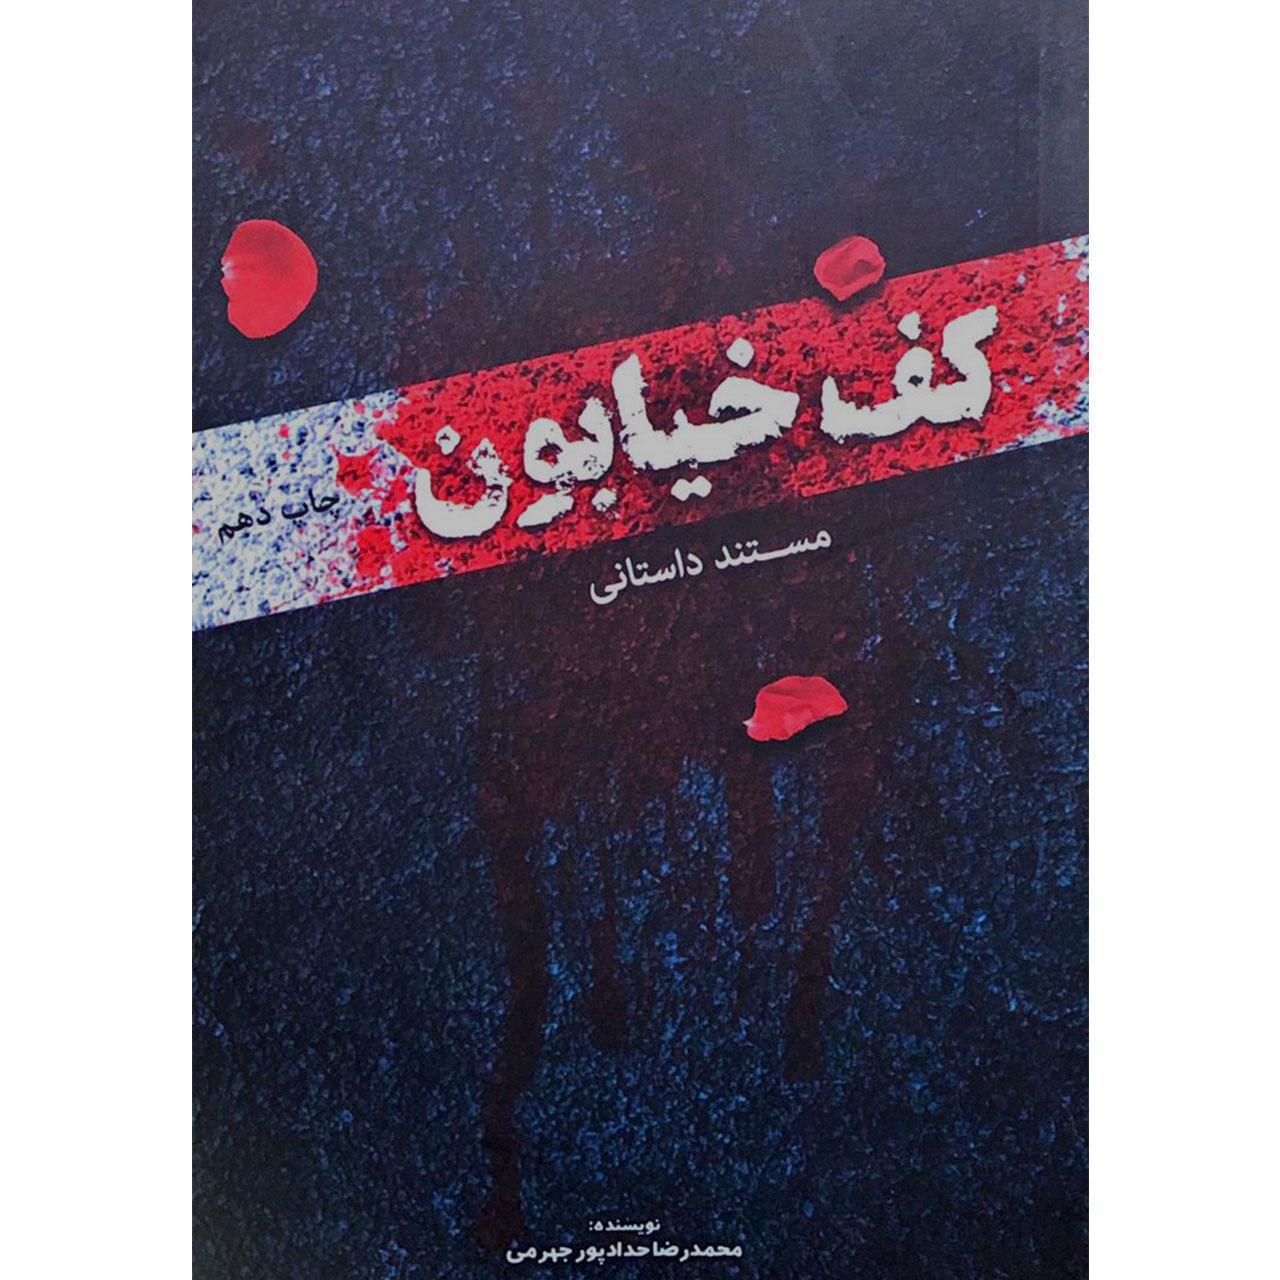 خرید                      کتاب مستند داستانی کف خیابون - اثر محمدرضا حدادپور جهرمی